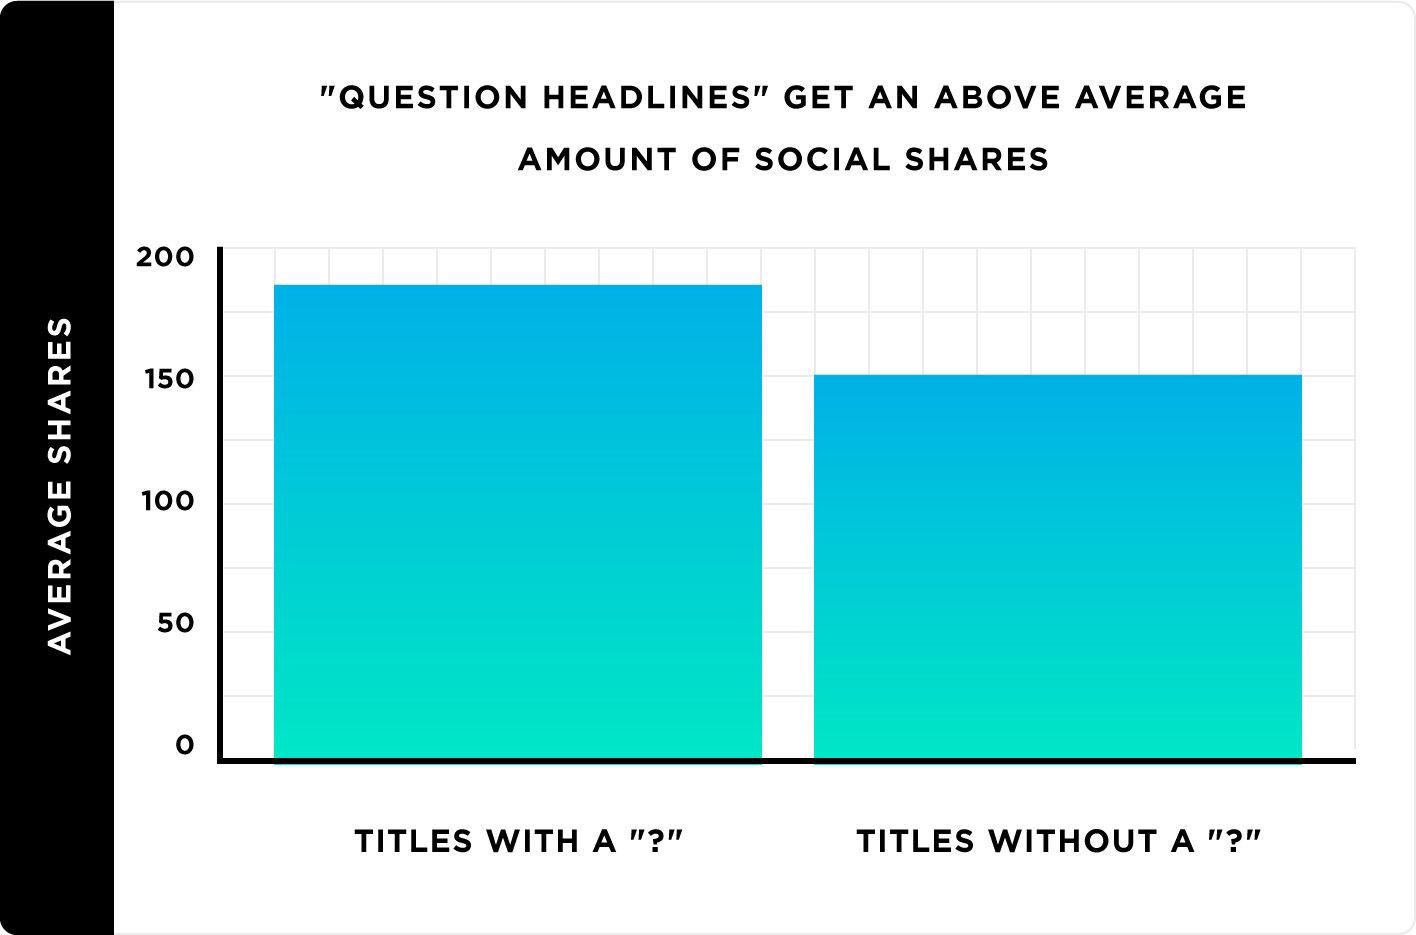 問句標題比直述句標題更能增加互動-鯊客科技SEO內容行銷公司